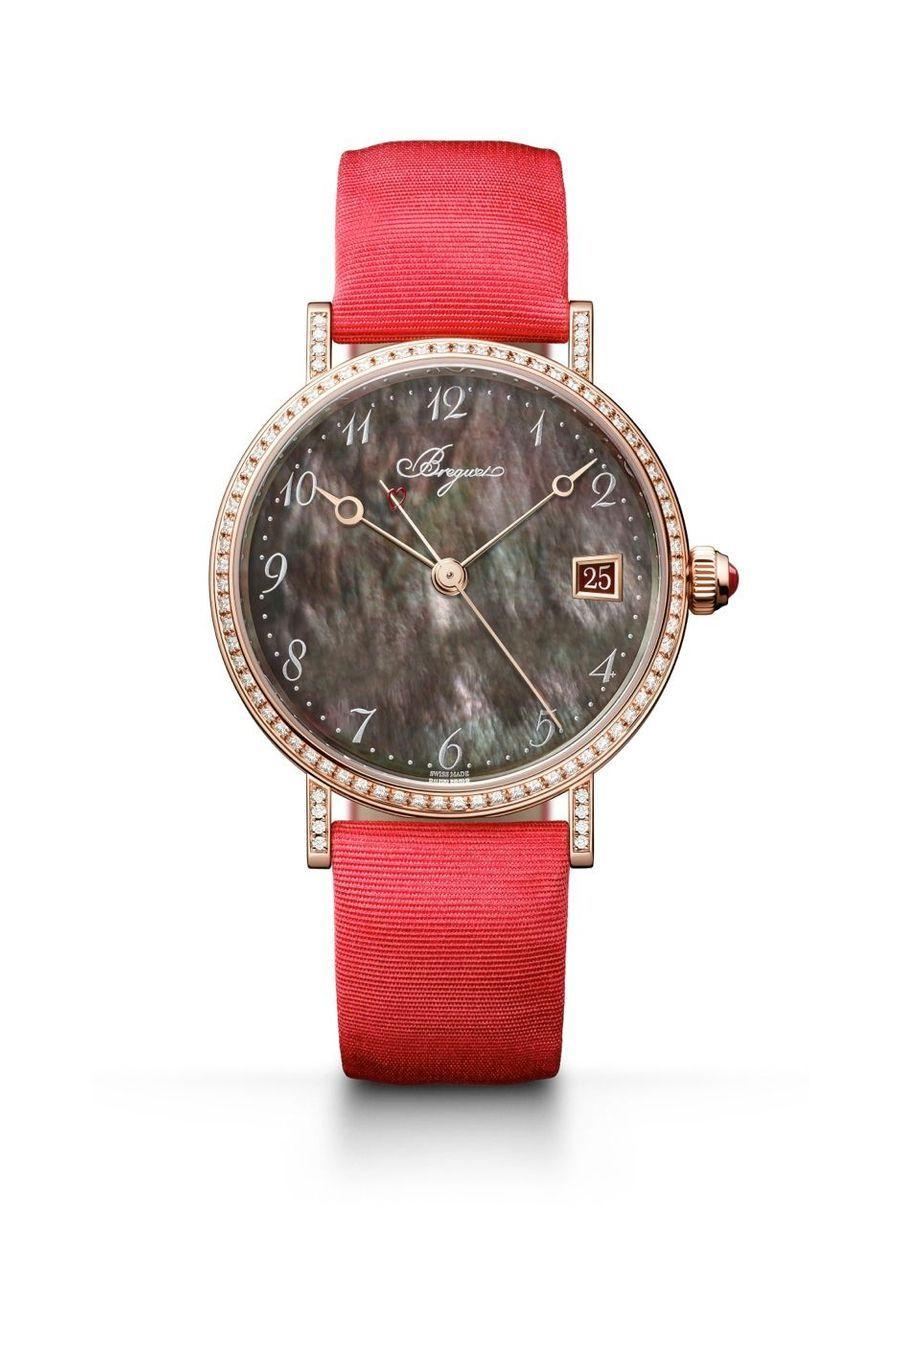 Classique en or rose, lunette sertie de diamants, cadran en nacre de Tahiti, bracelet en satin, Breguet. 27 900 €. Série limitée à 28 exemplaires.